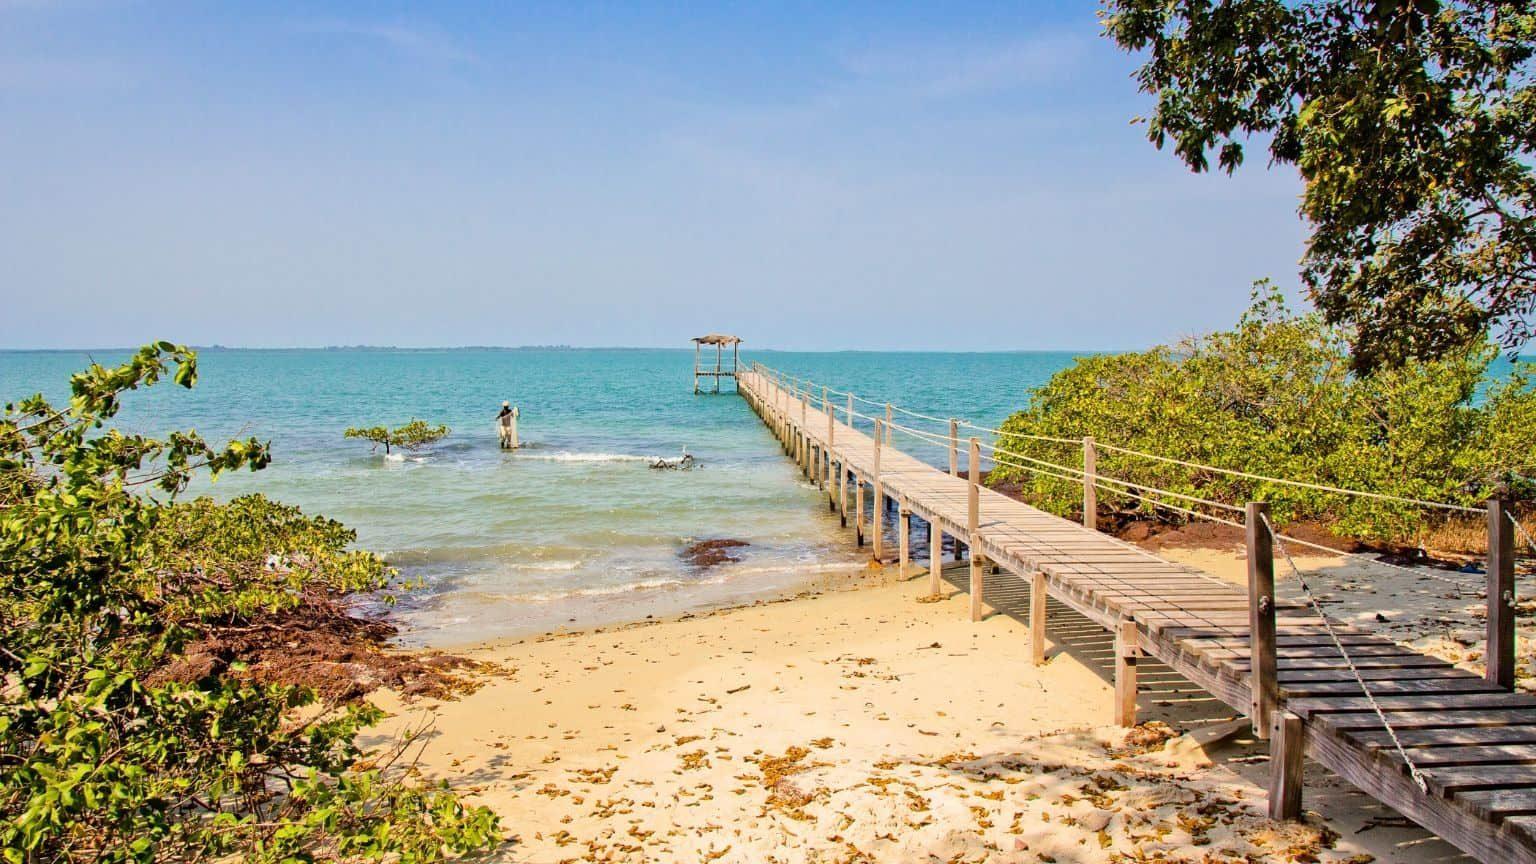 Bissagos Beach, Guinea Bissau